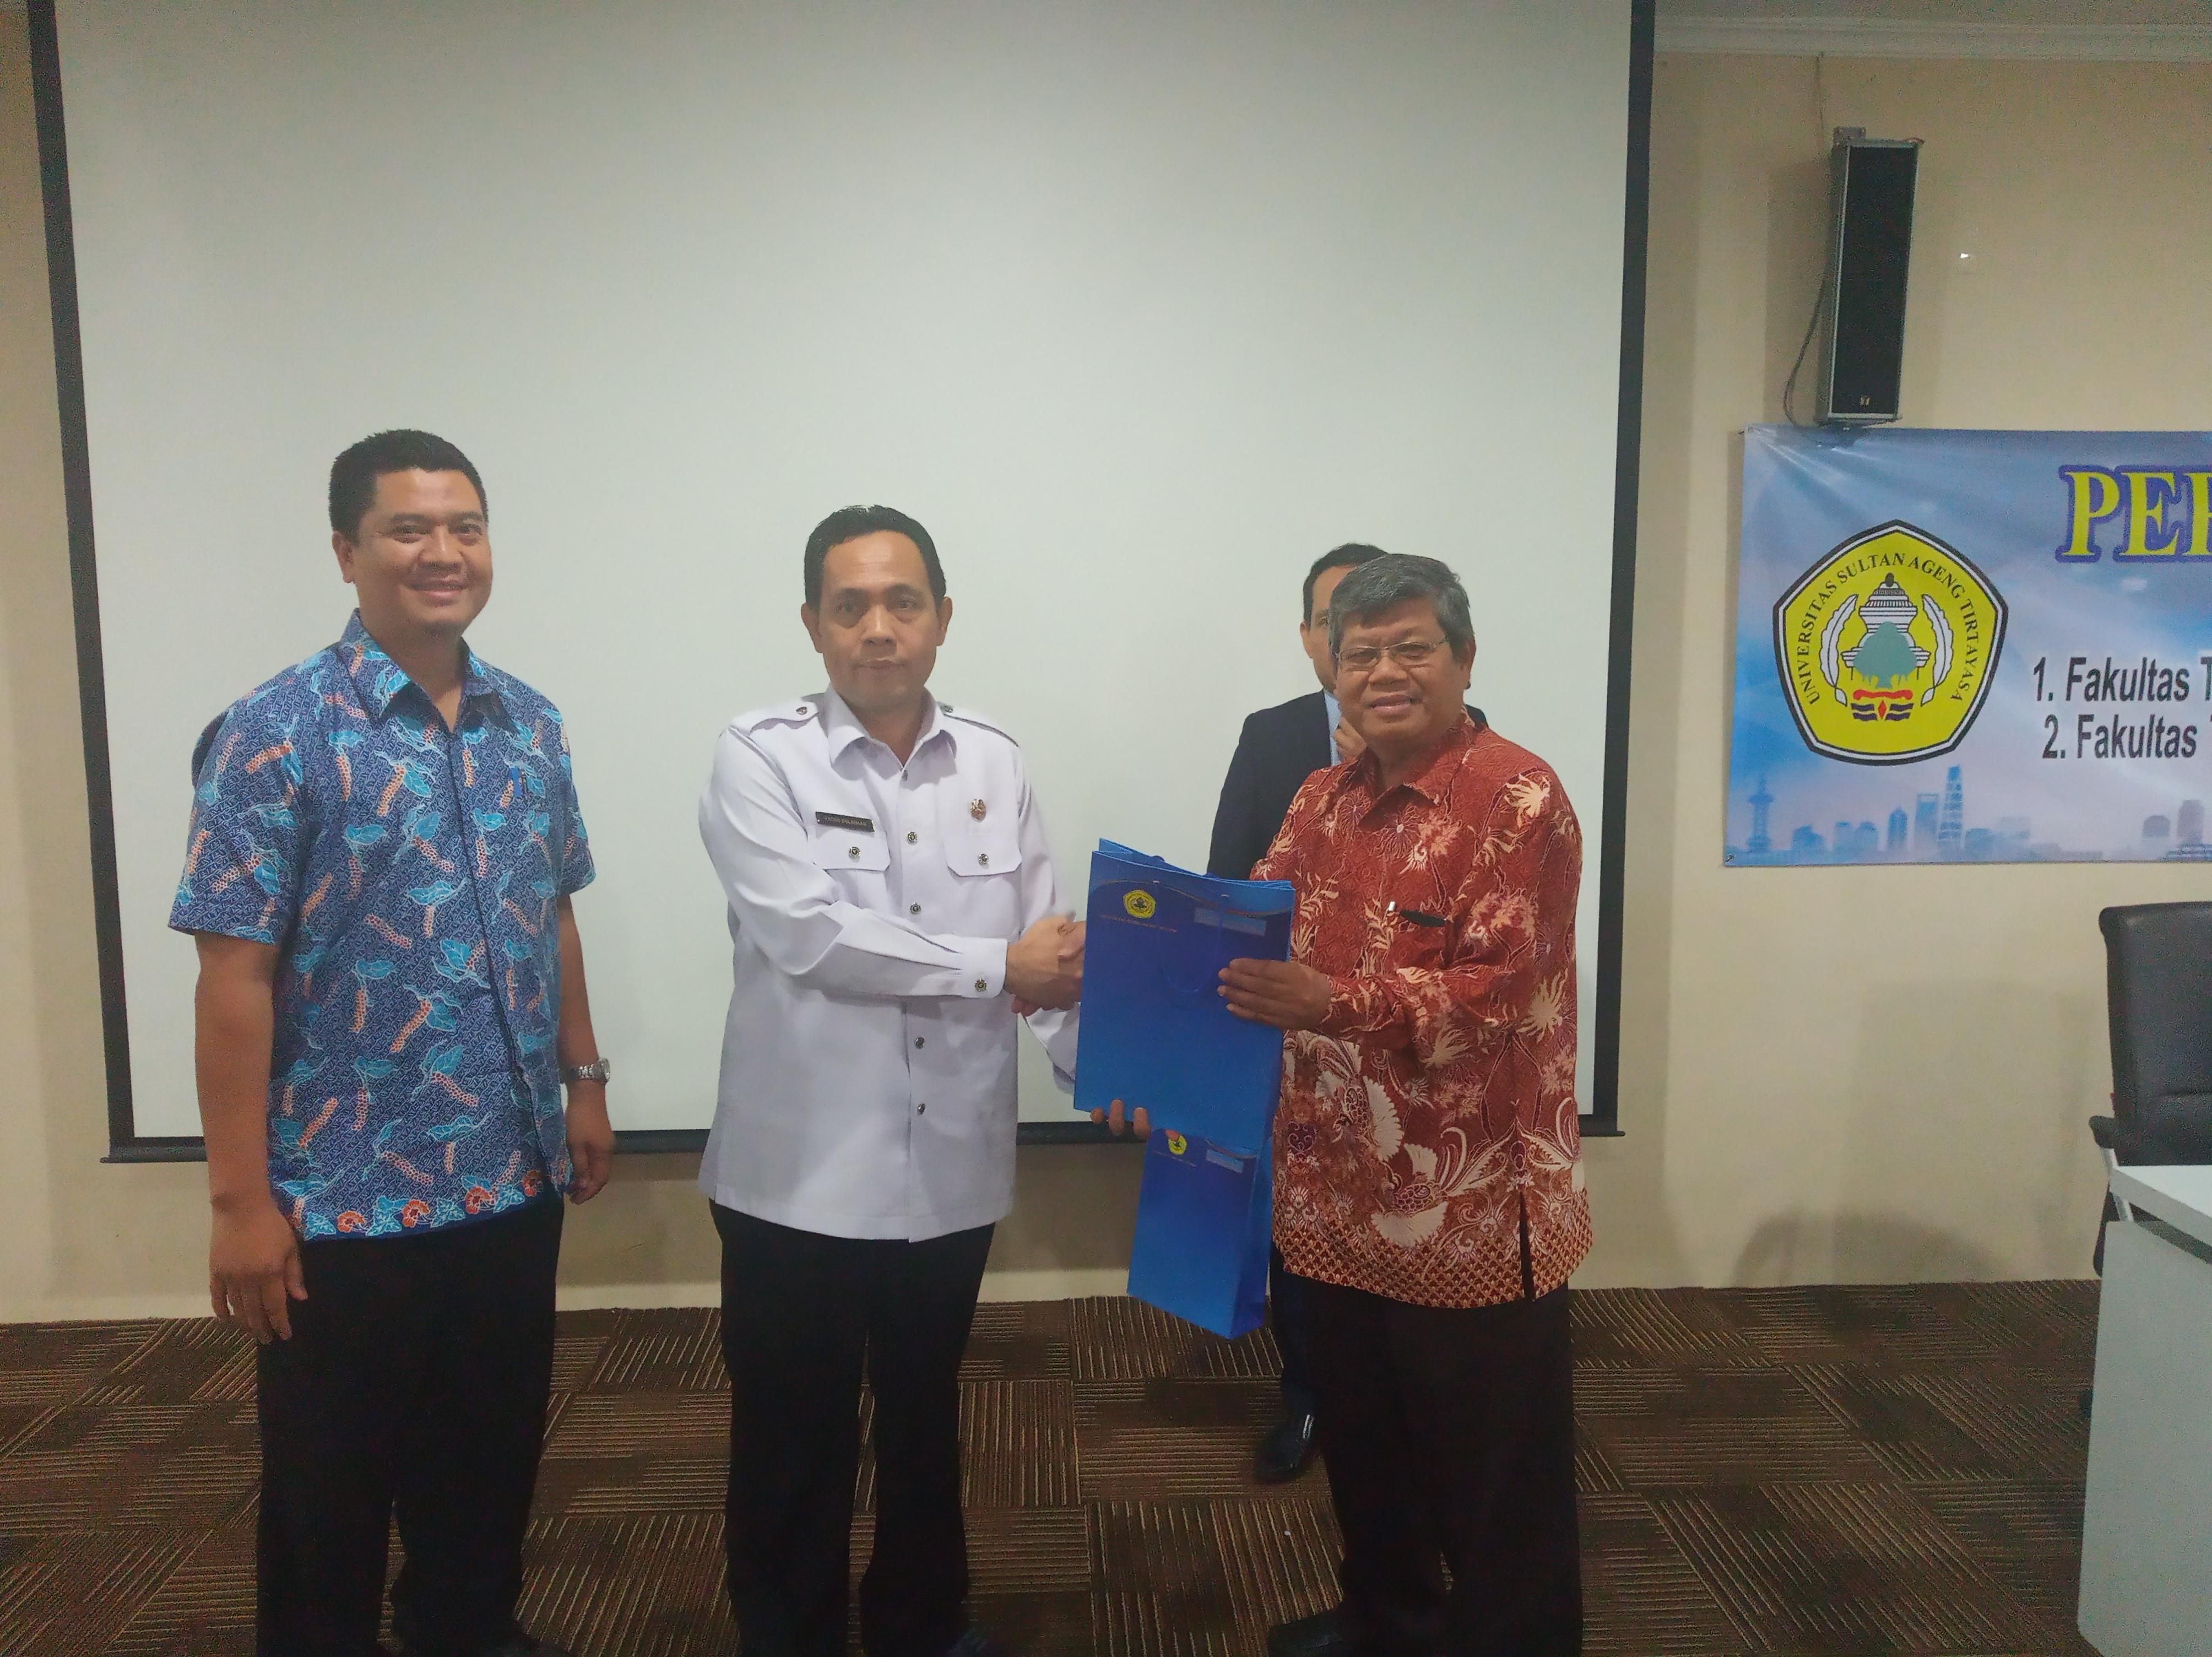 (Bahasa) Untirta Gaet PT Immarez Solusi Utama dalam Kerjasama Program Pelatihan Keselamatan dan Kesehatan Kerja (K3)